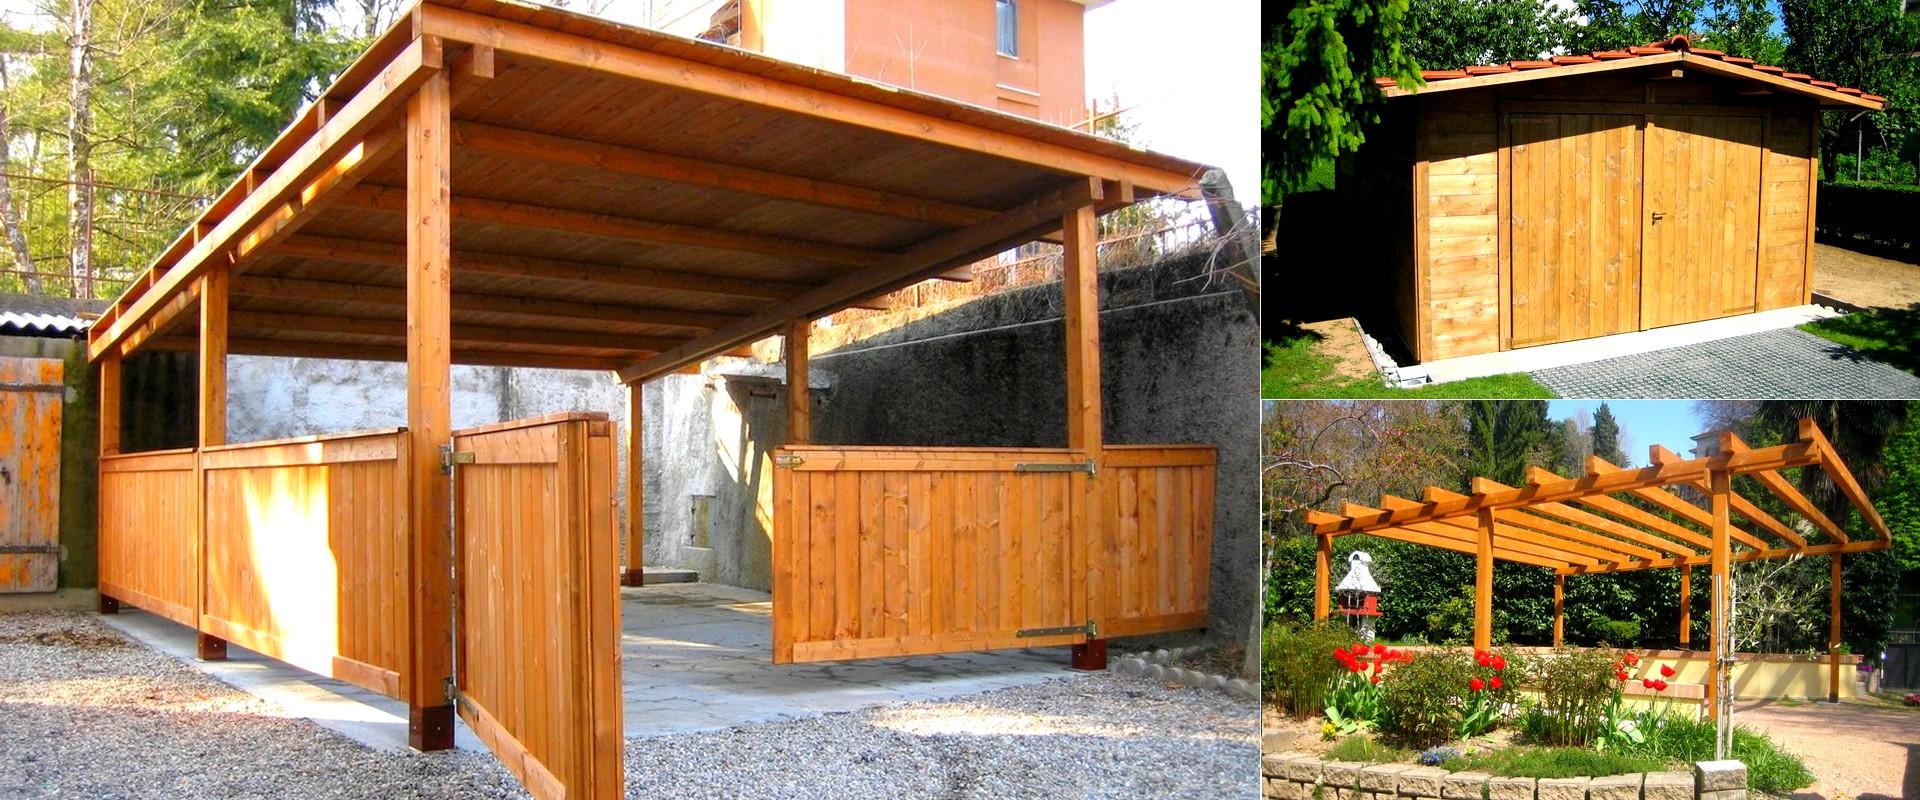 Soluzioni in legno per esterni e giardini for Soluzioni per esterni